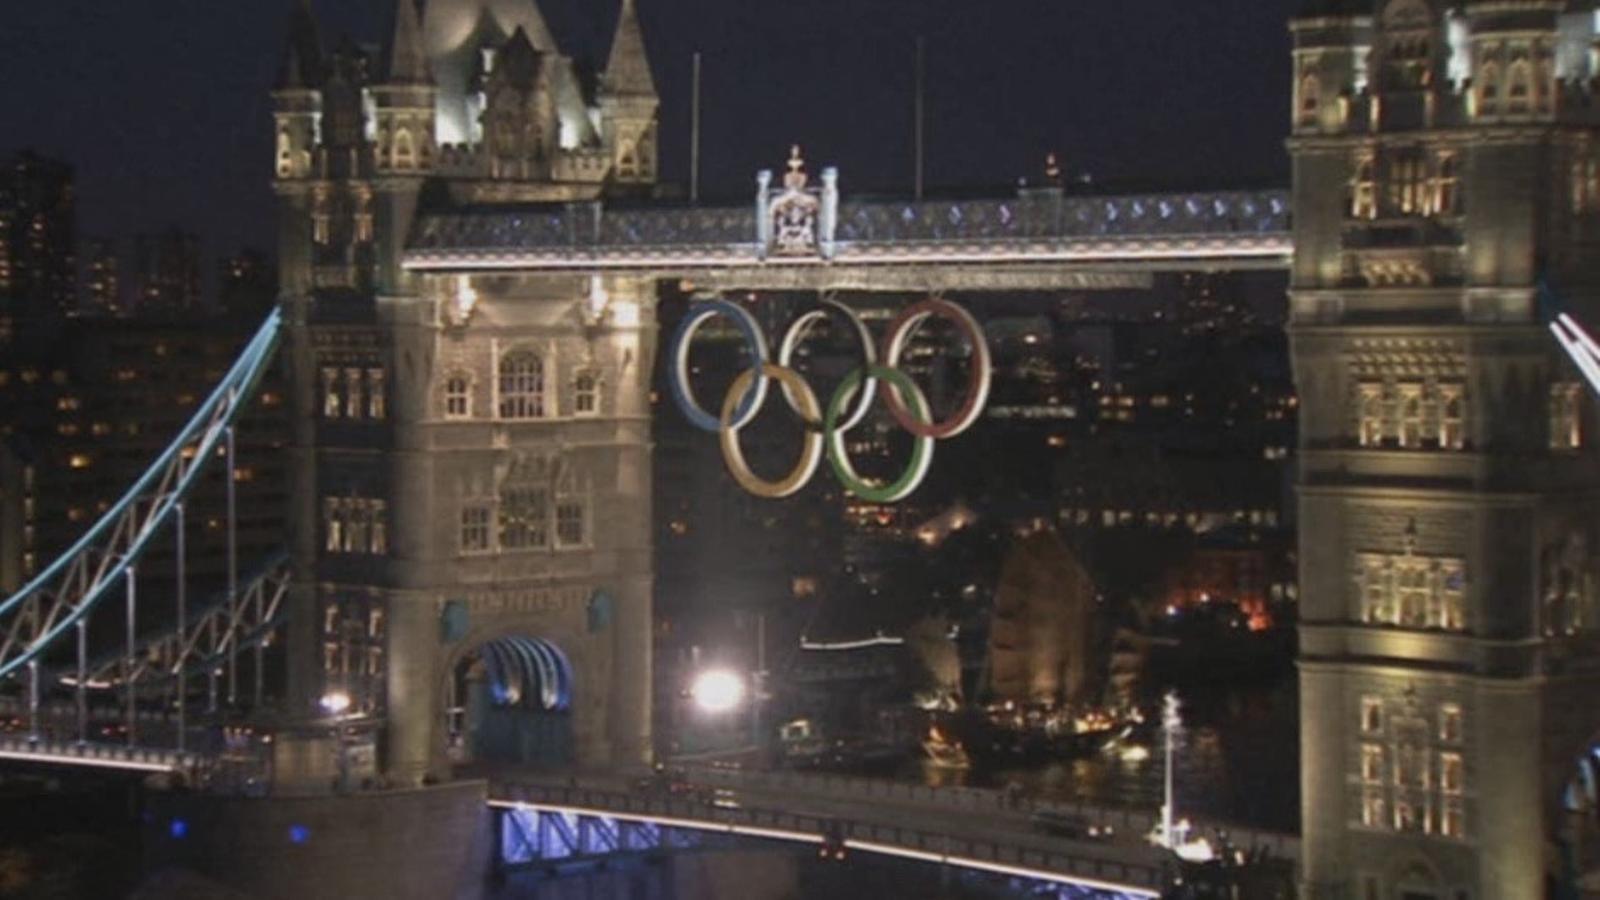 Els anells olímpics ja coronen el Tower Brigde de Londres